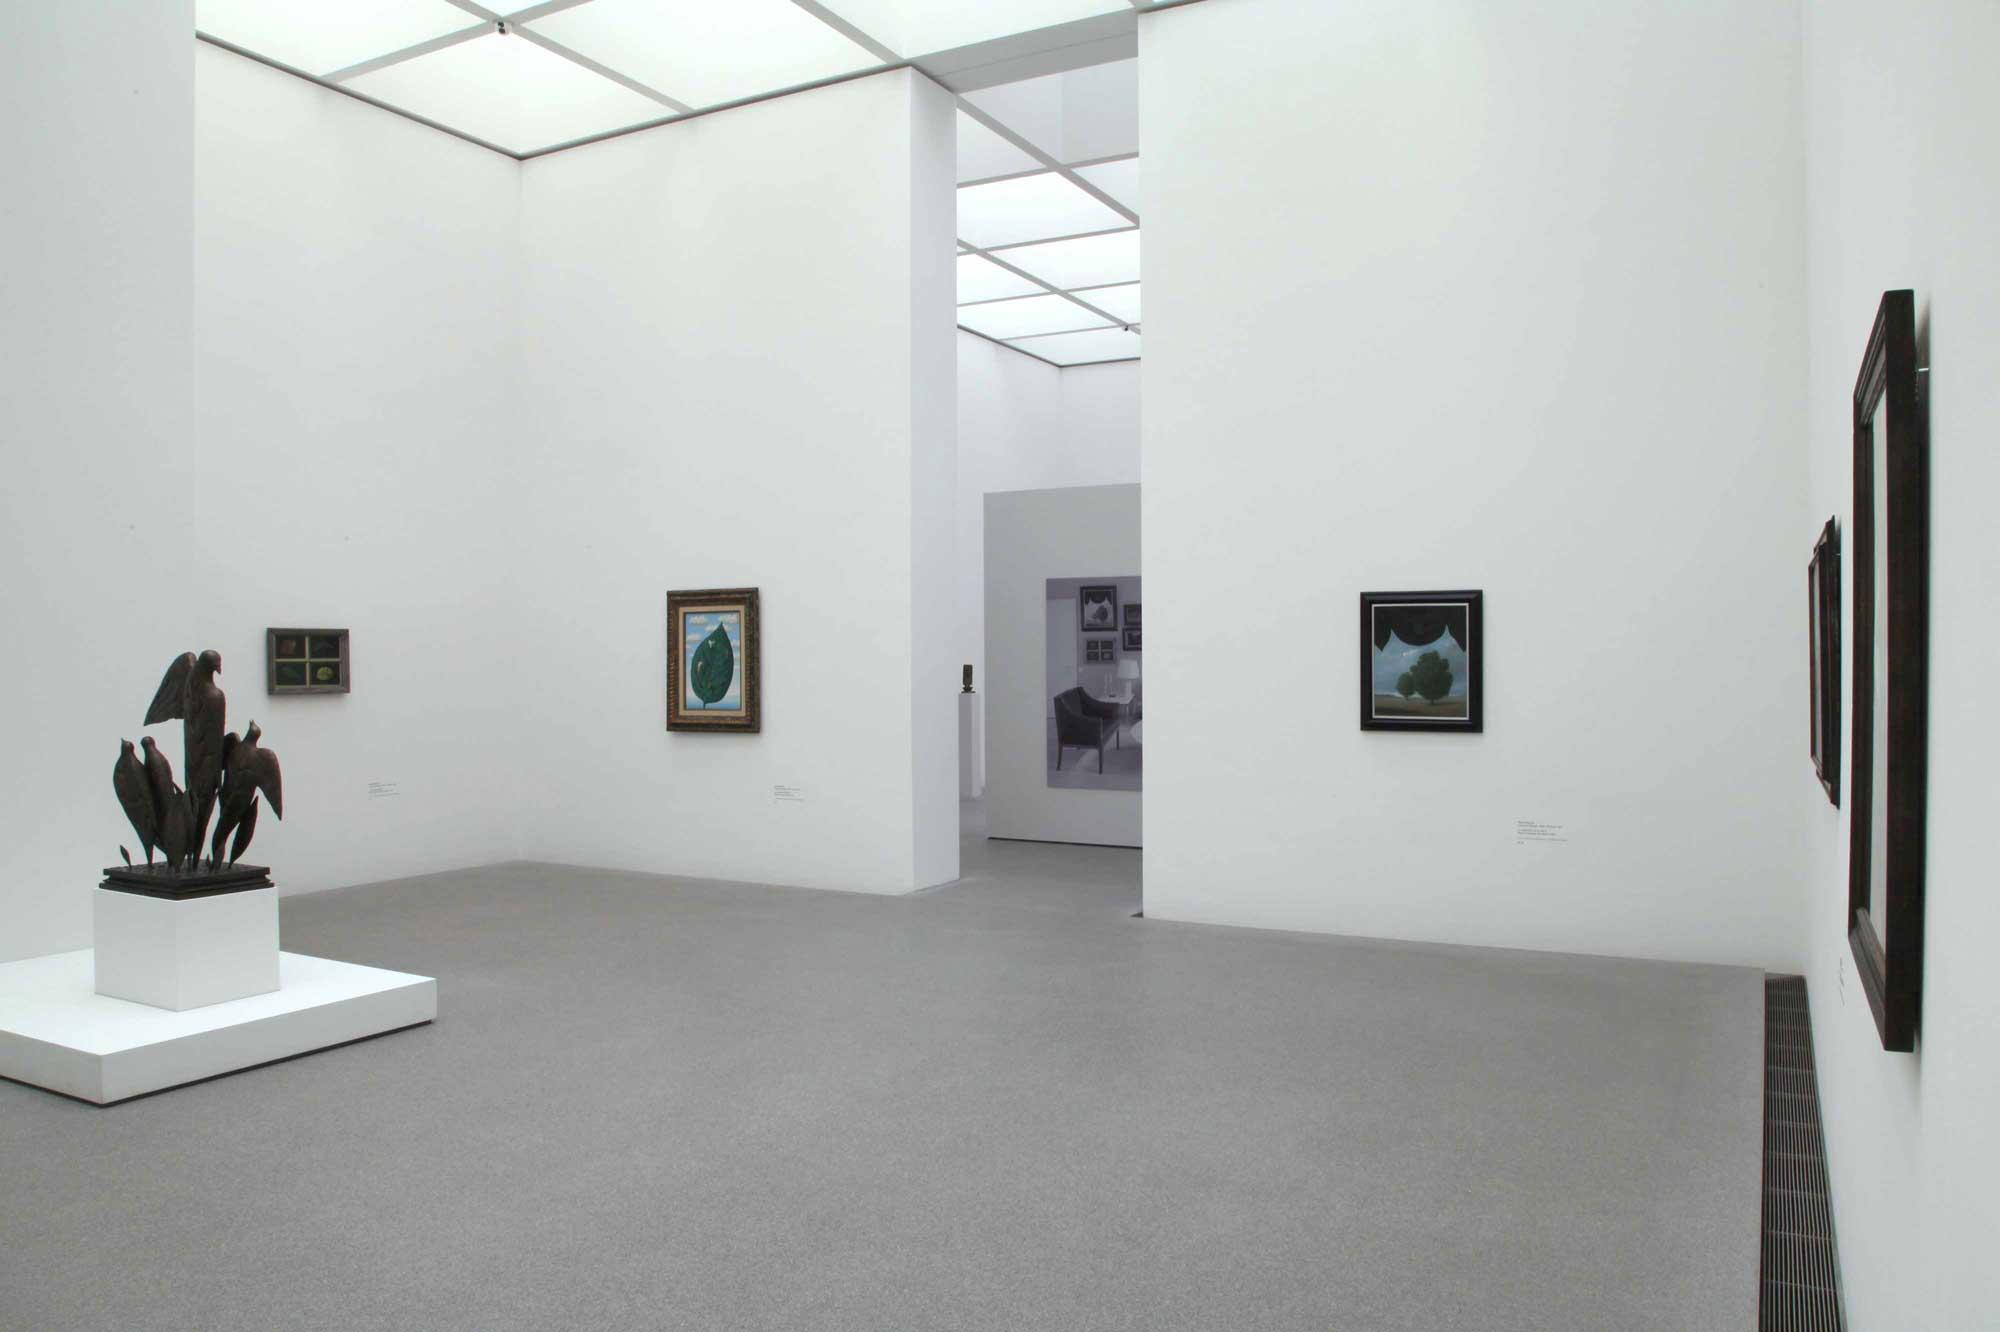 Ausstellungsgestaltung Traum-Bilder raum 6